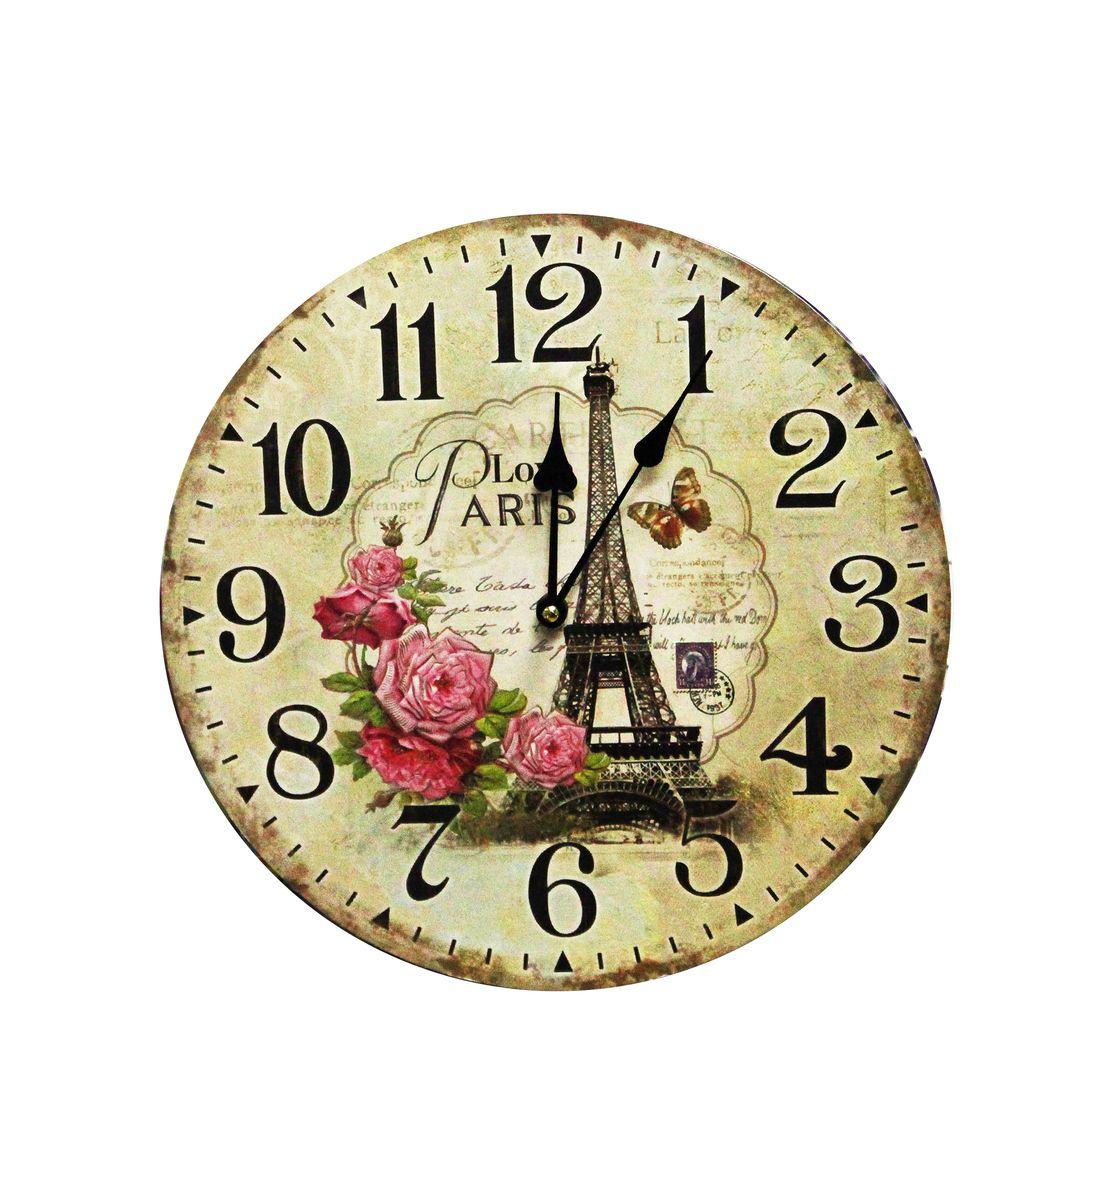 Настенные часы Arte Nuevo, 34 см. 14BD3400114BD34001